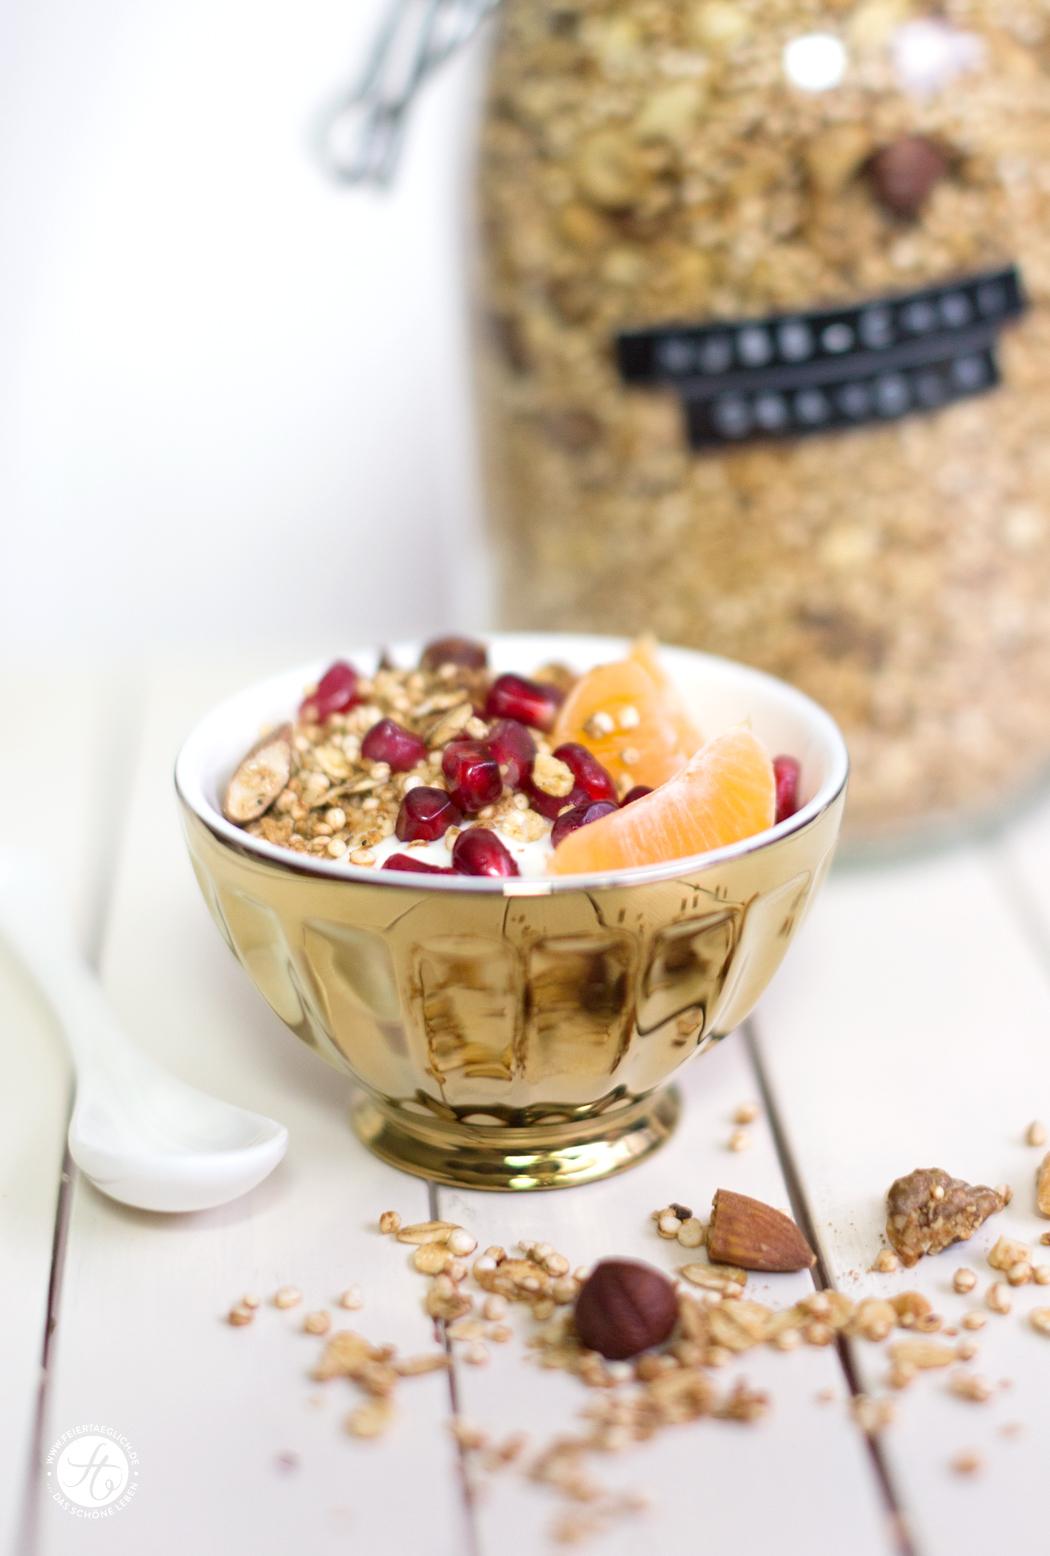 Selbst gemachtes Nuss-Chai-Granola mit Joghurt, Granatapfel und Mandarinen, Frühstücksglück